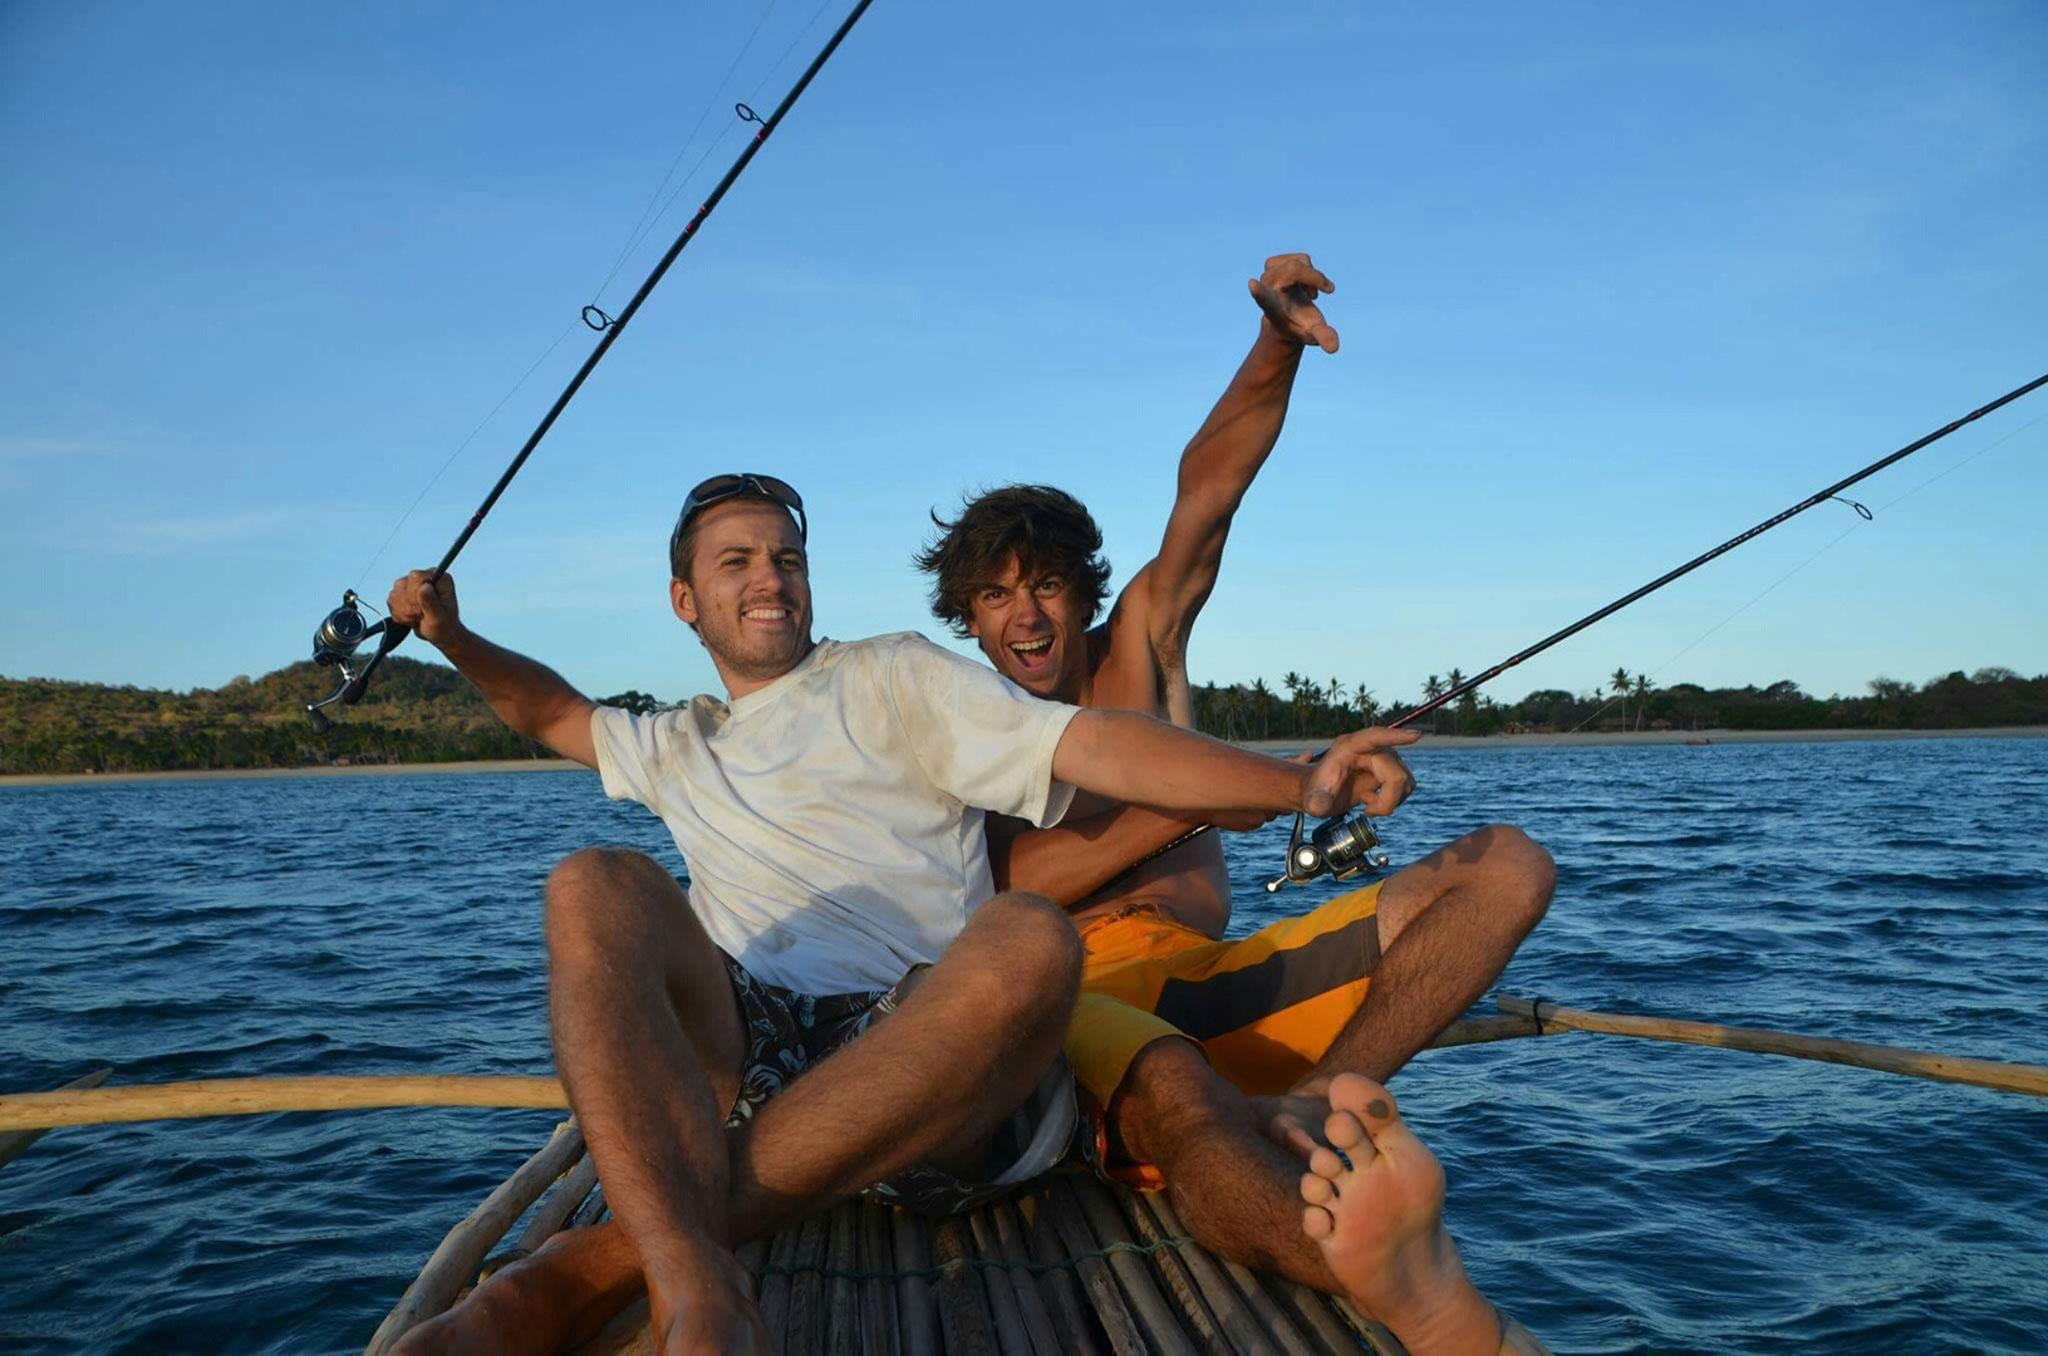 C'est la fête, la pêche a été bonne (photos de  Mercé Cantana Arcediano)